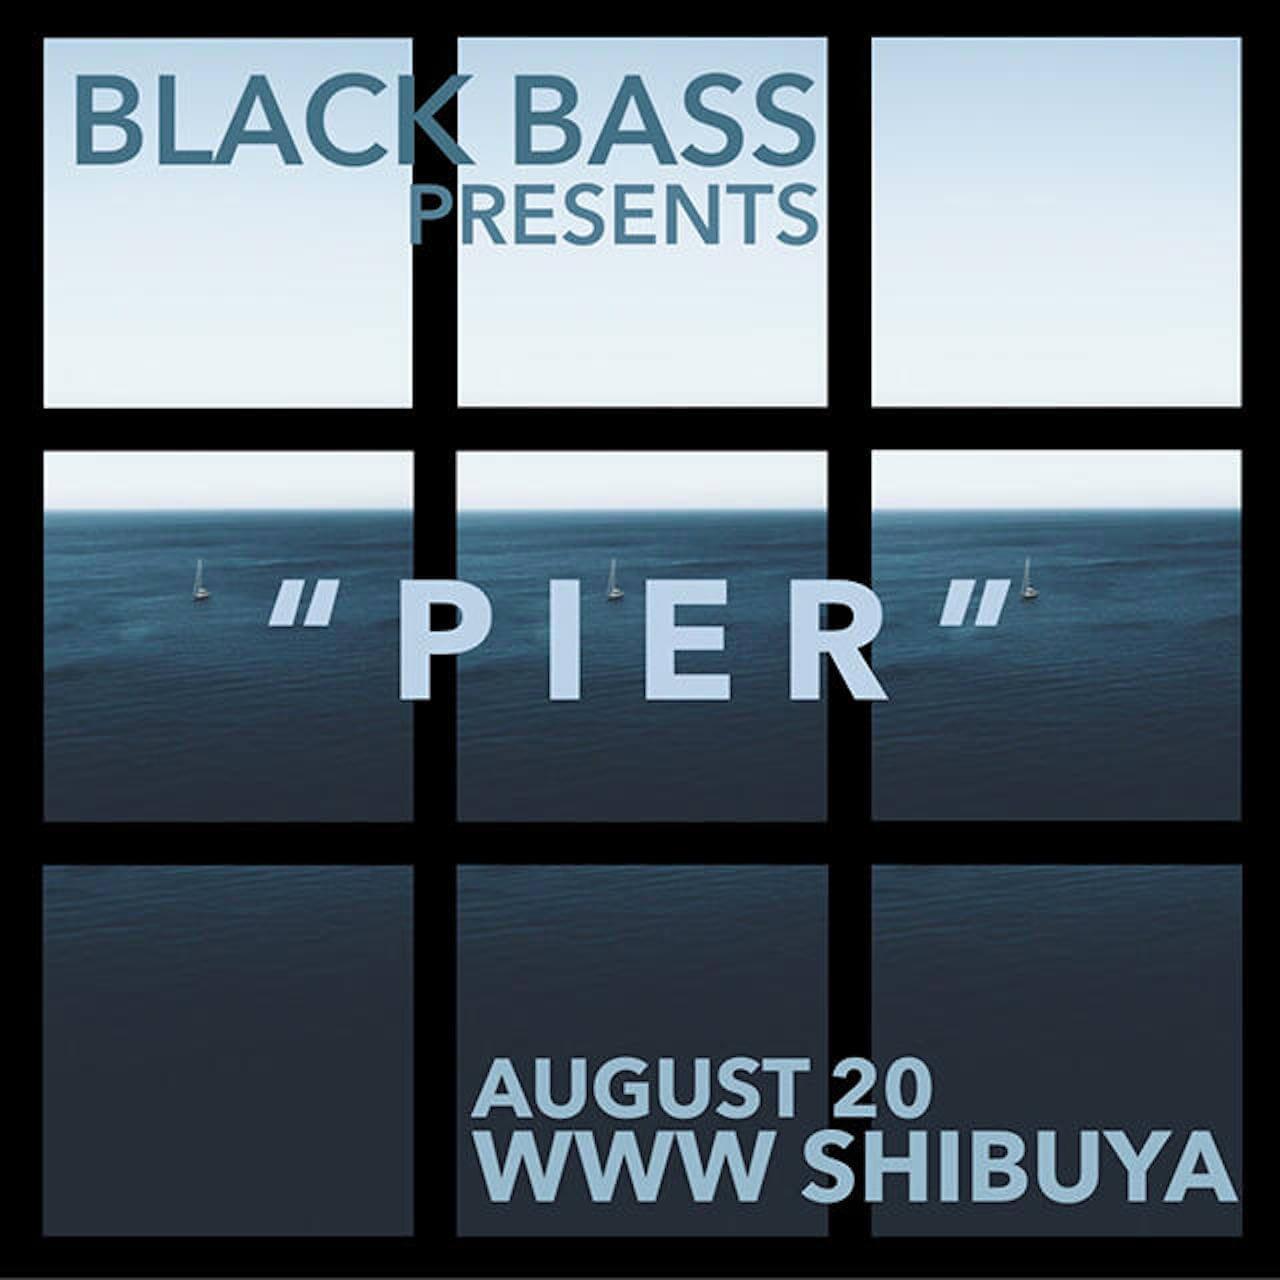 次世代アートコレクティヴ、BLACK BASSがプロデュースするイベント、<PIER>がWWWにて開催 music190816-blackbass